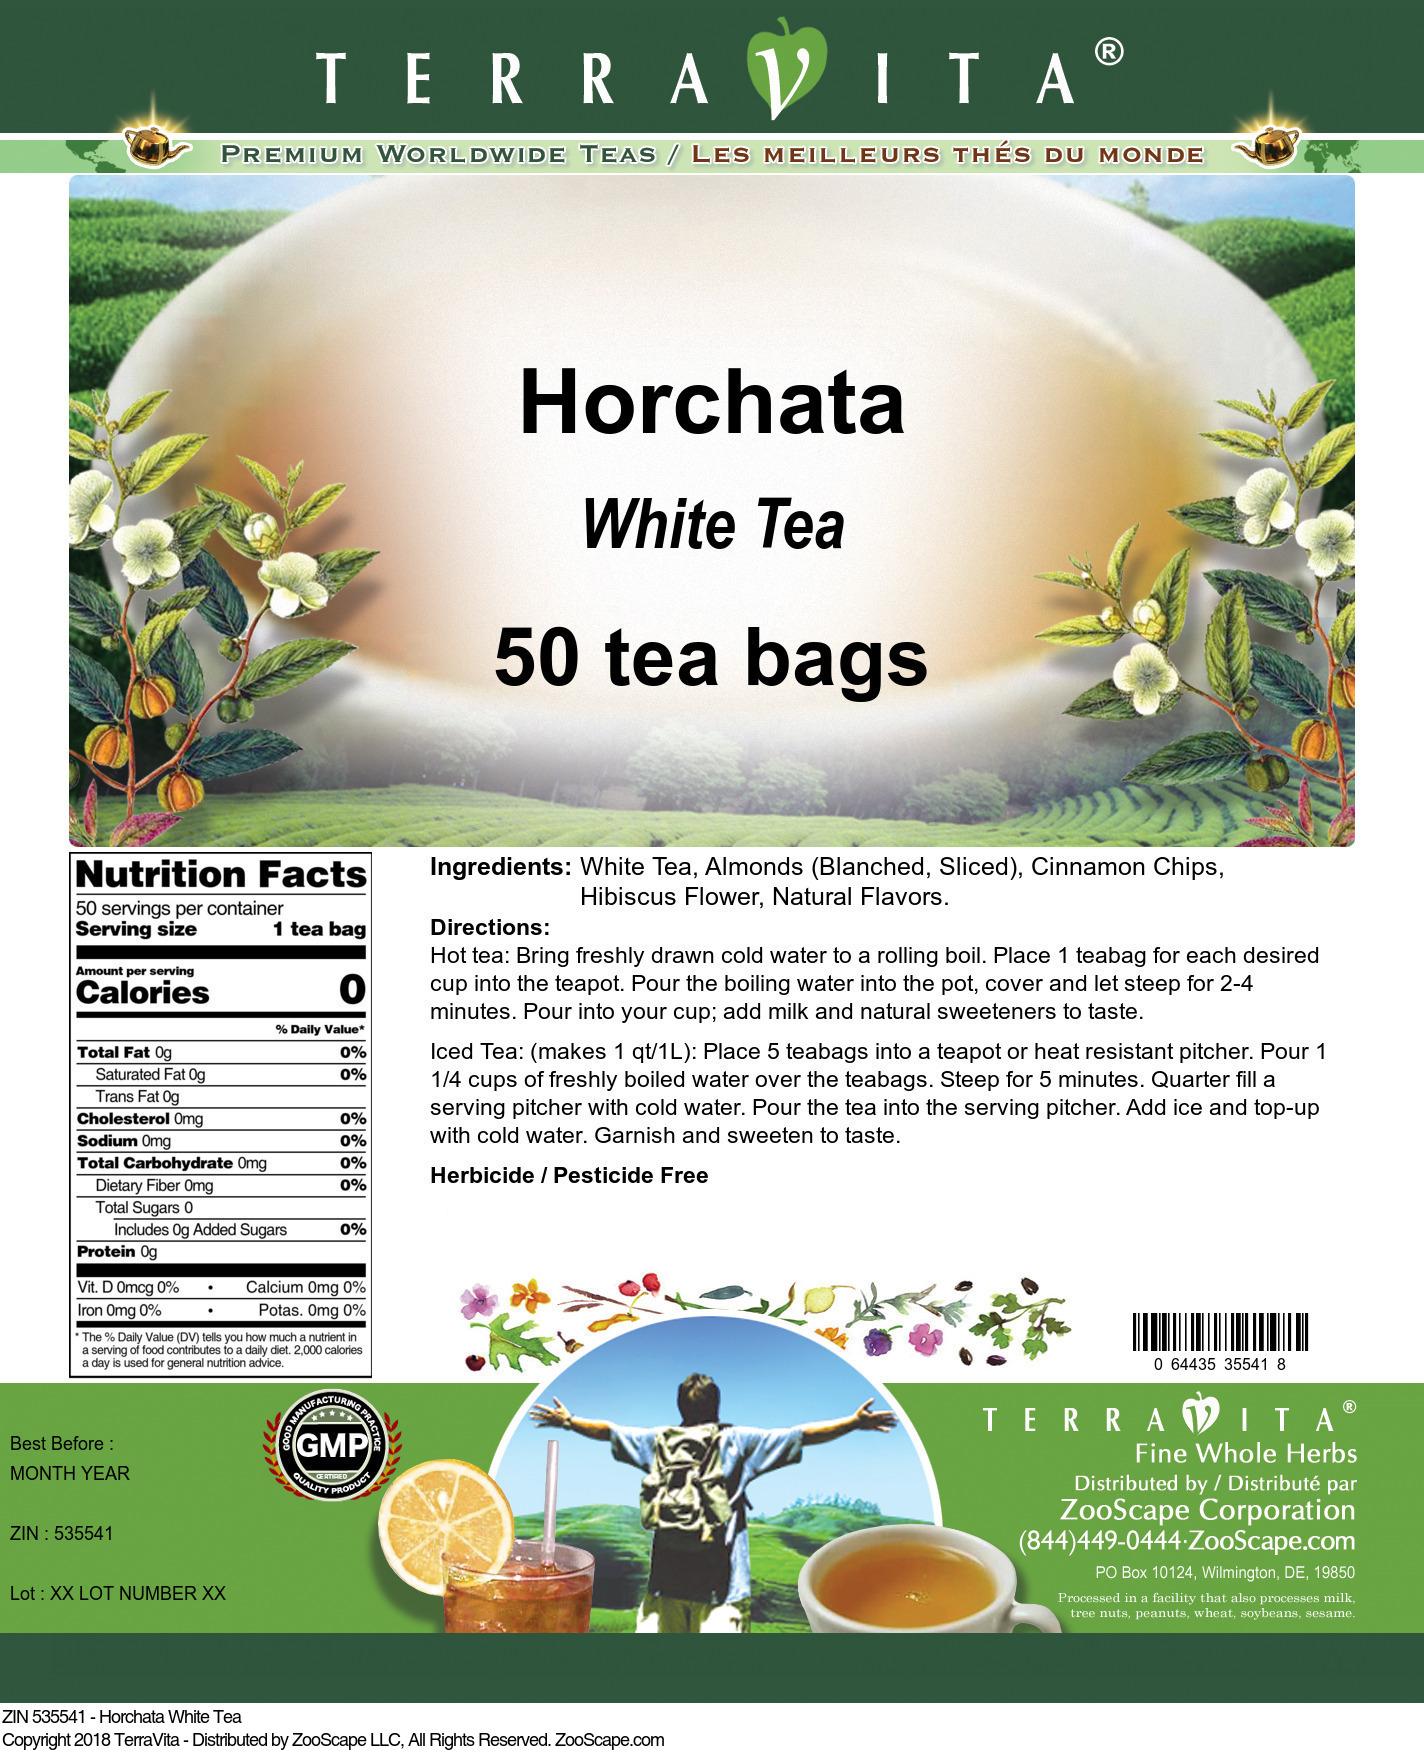 Horchata White Tea